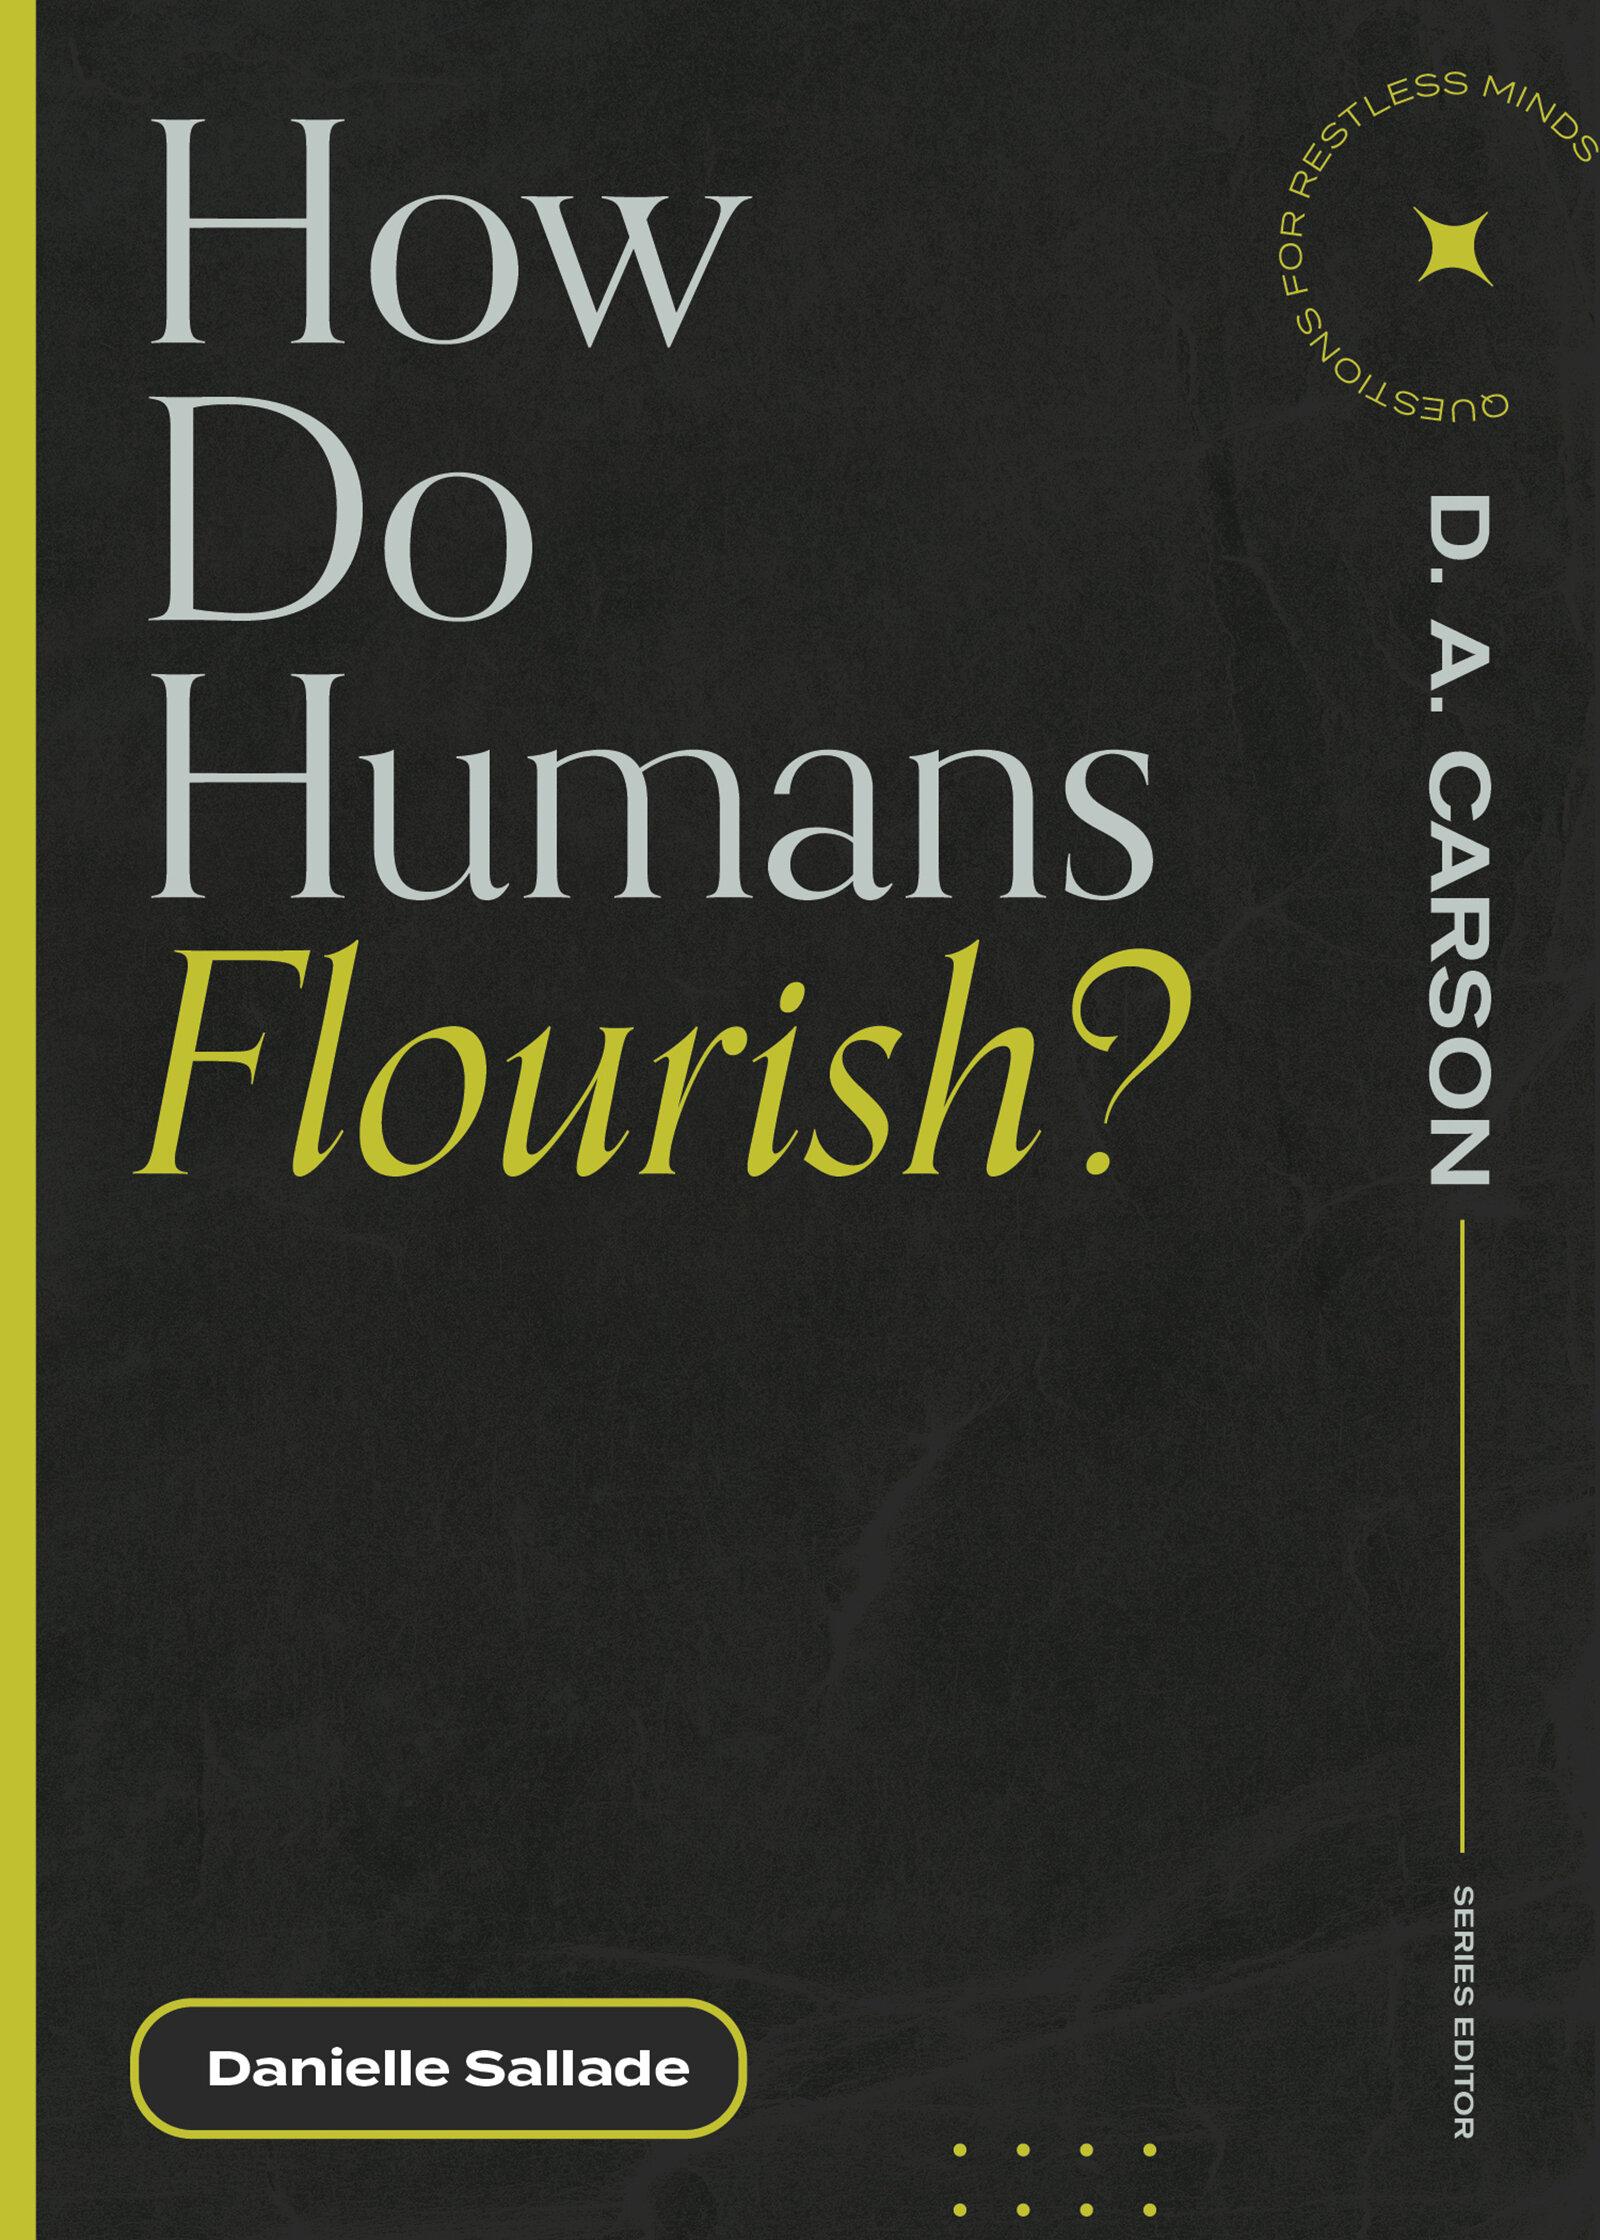 How Do Humans Flourish?